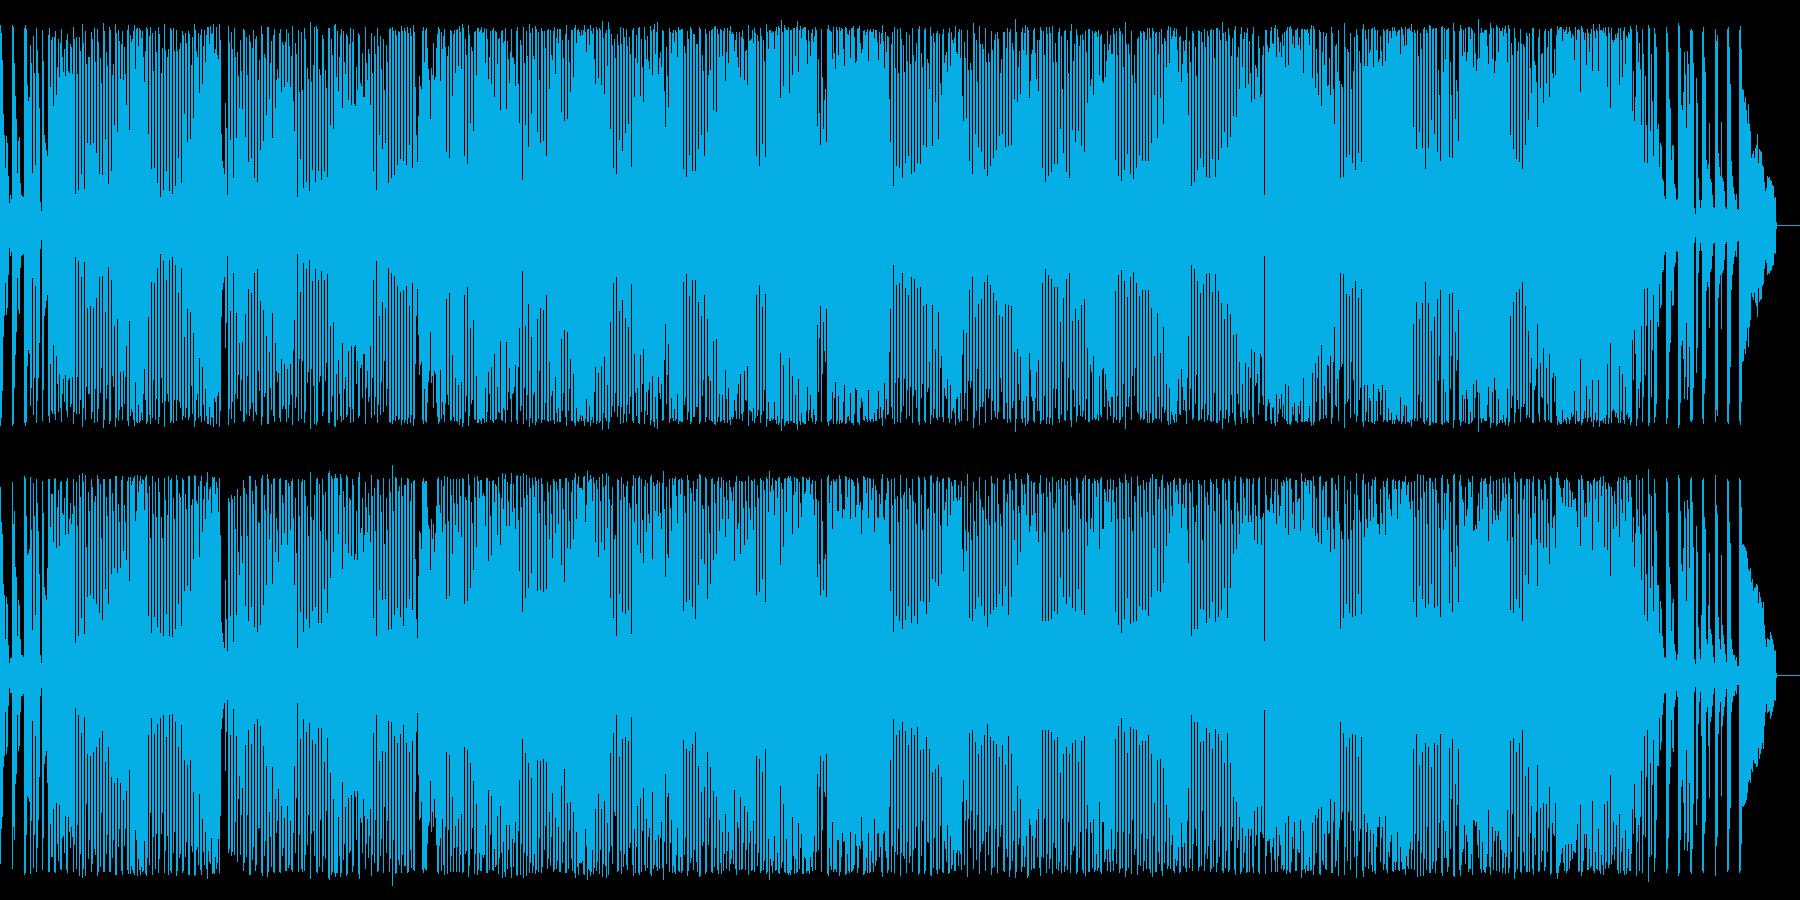 クシコス・ポスト/ポップアレンジの再生済みの波形